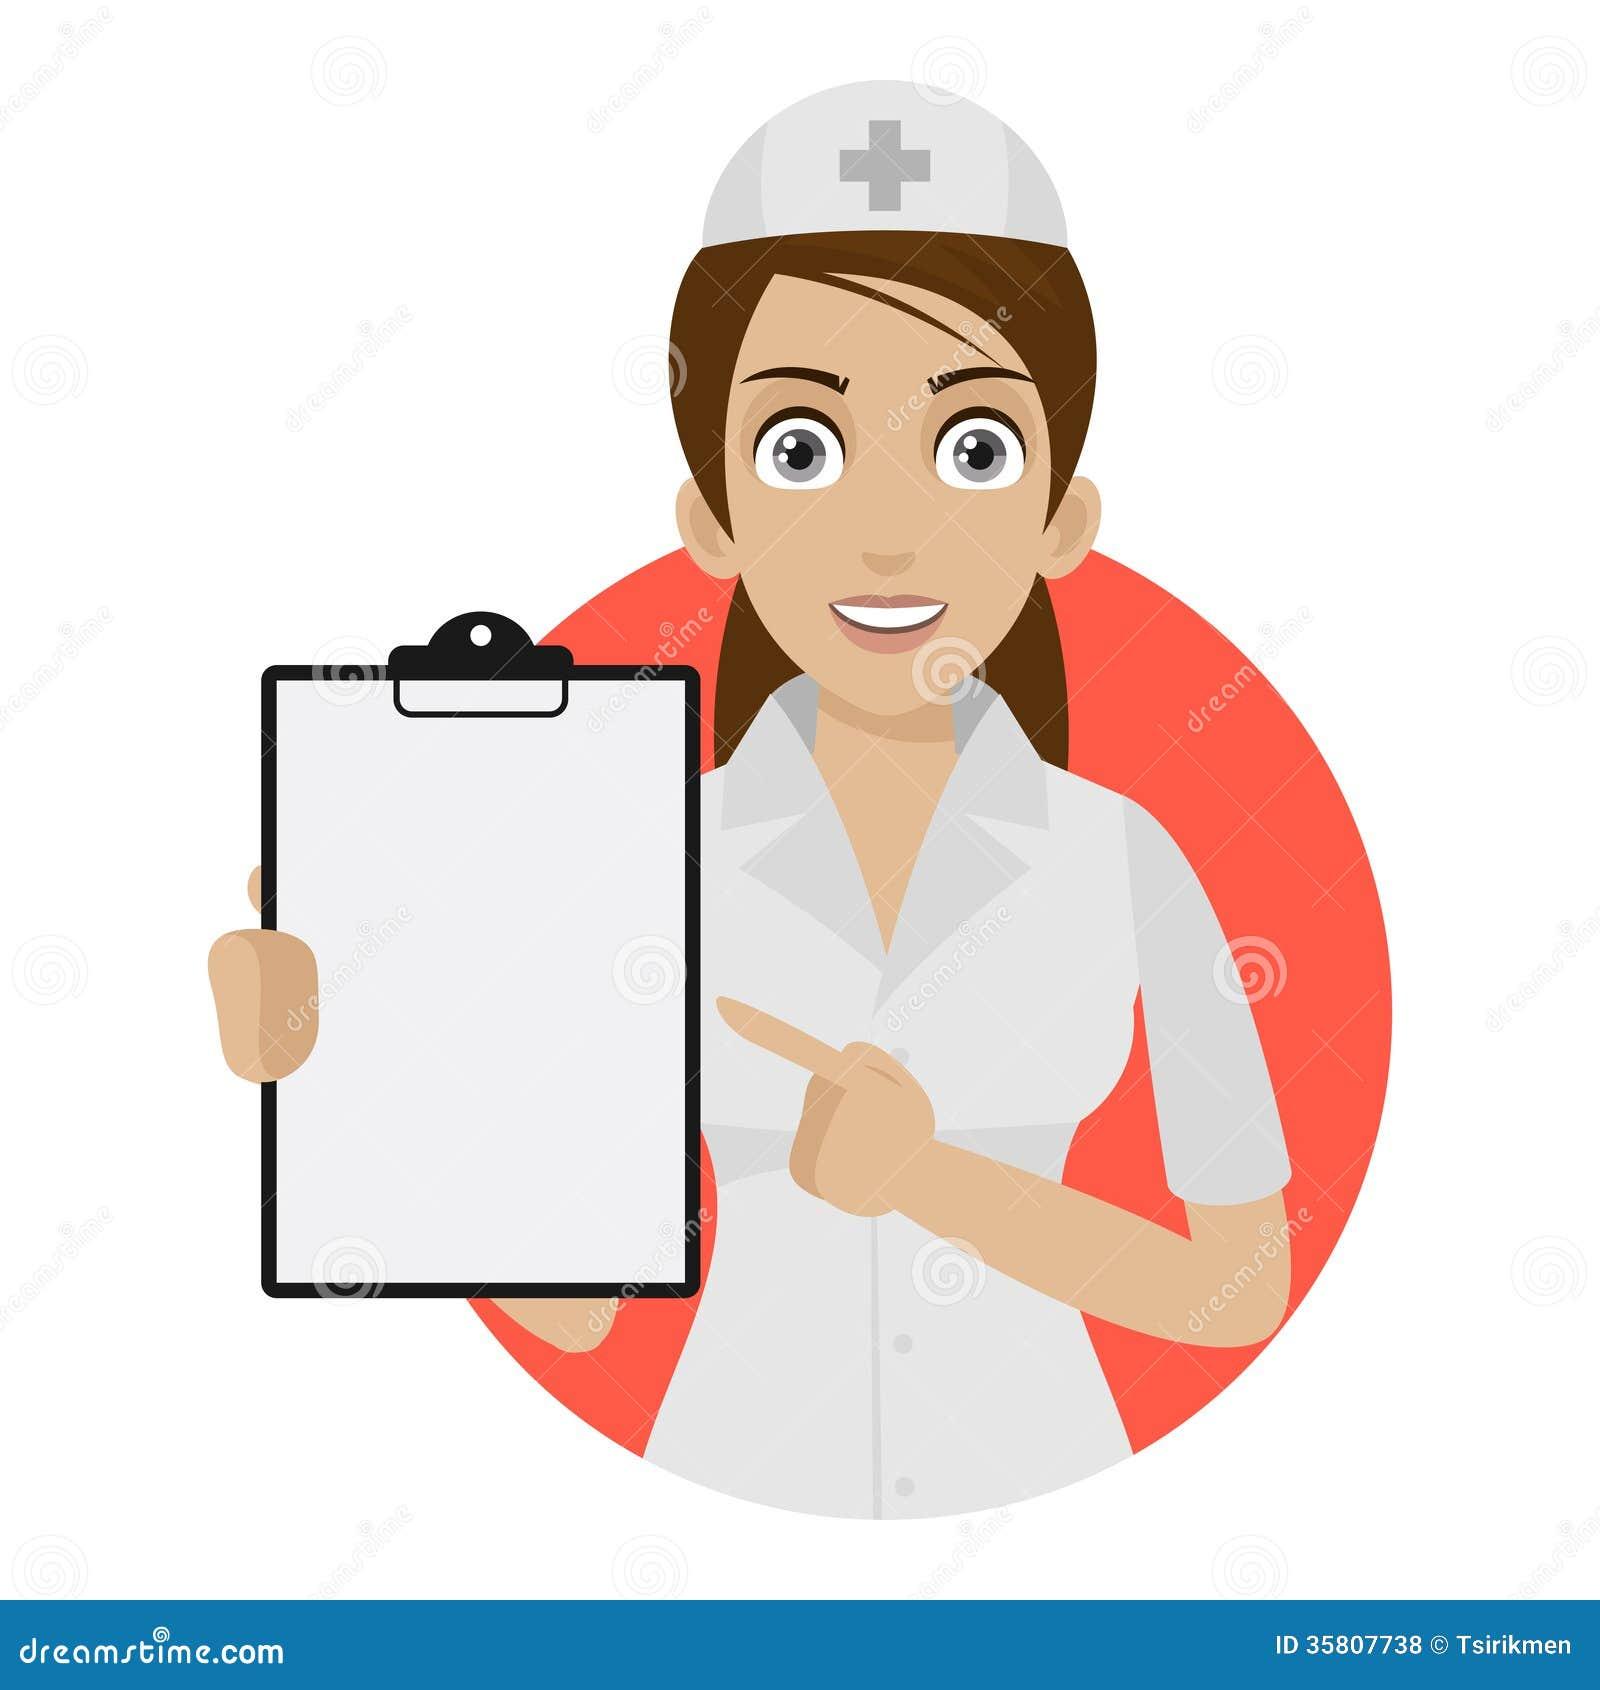 Krankenschwesterpunkte zur Form im Kreis